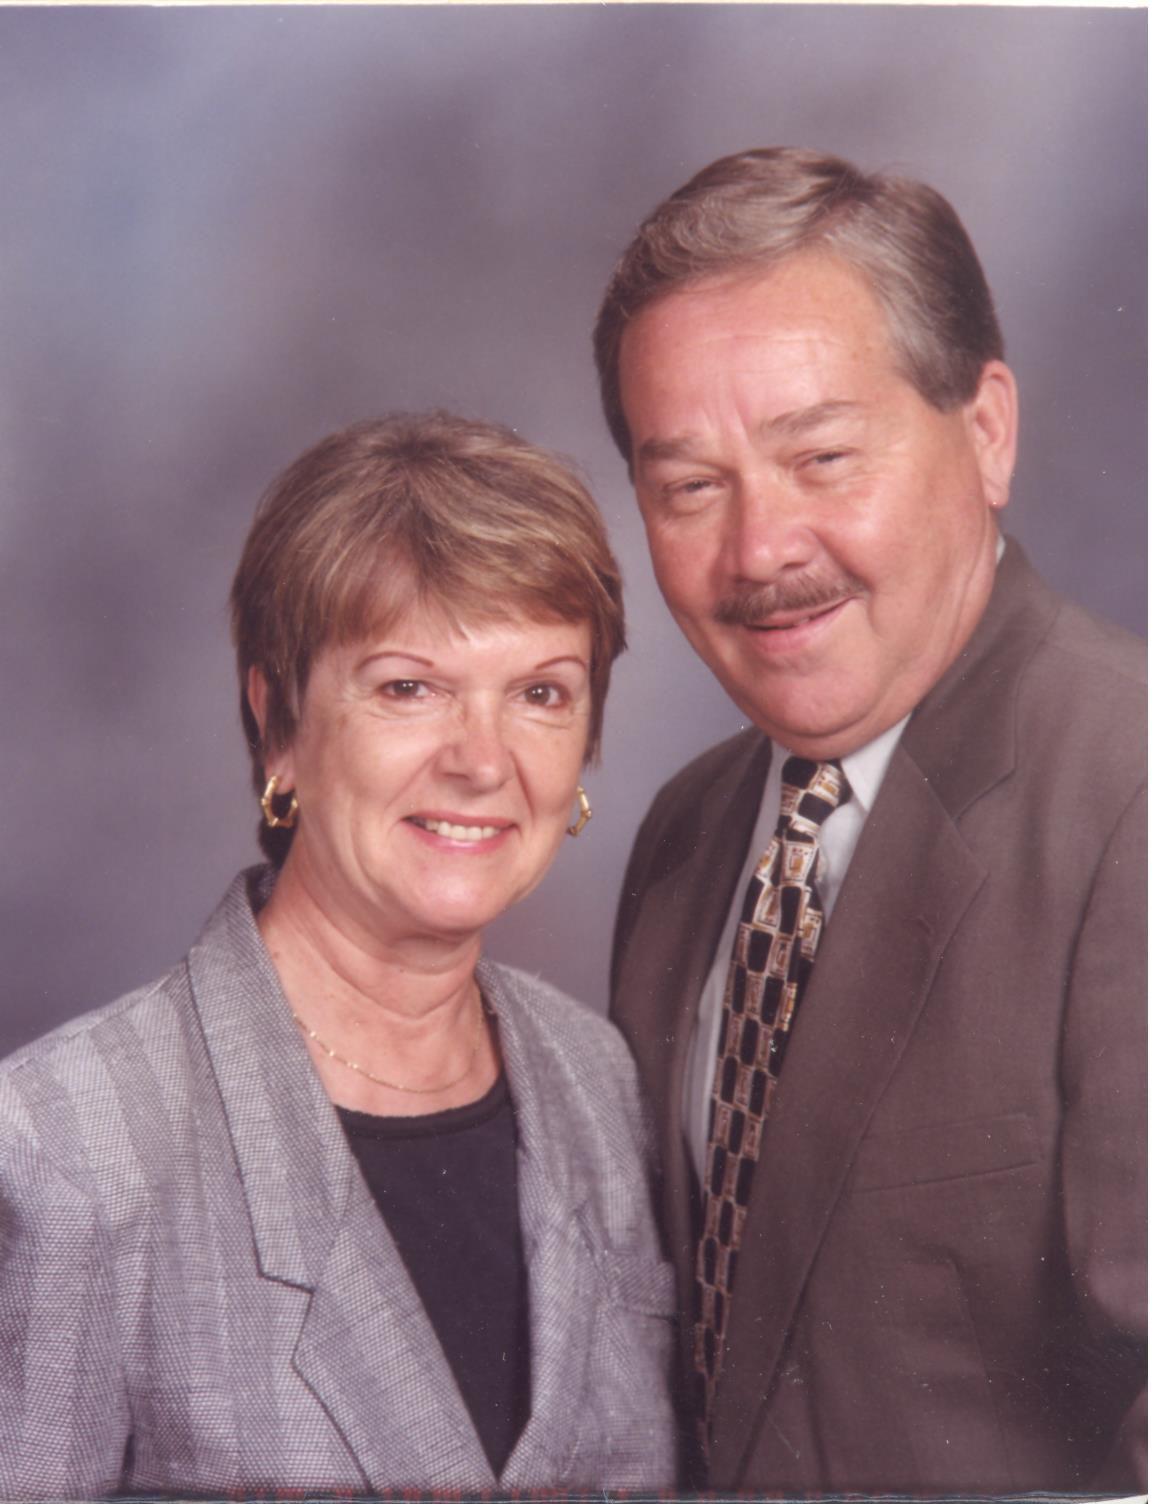 Rita and Randall Frye